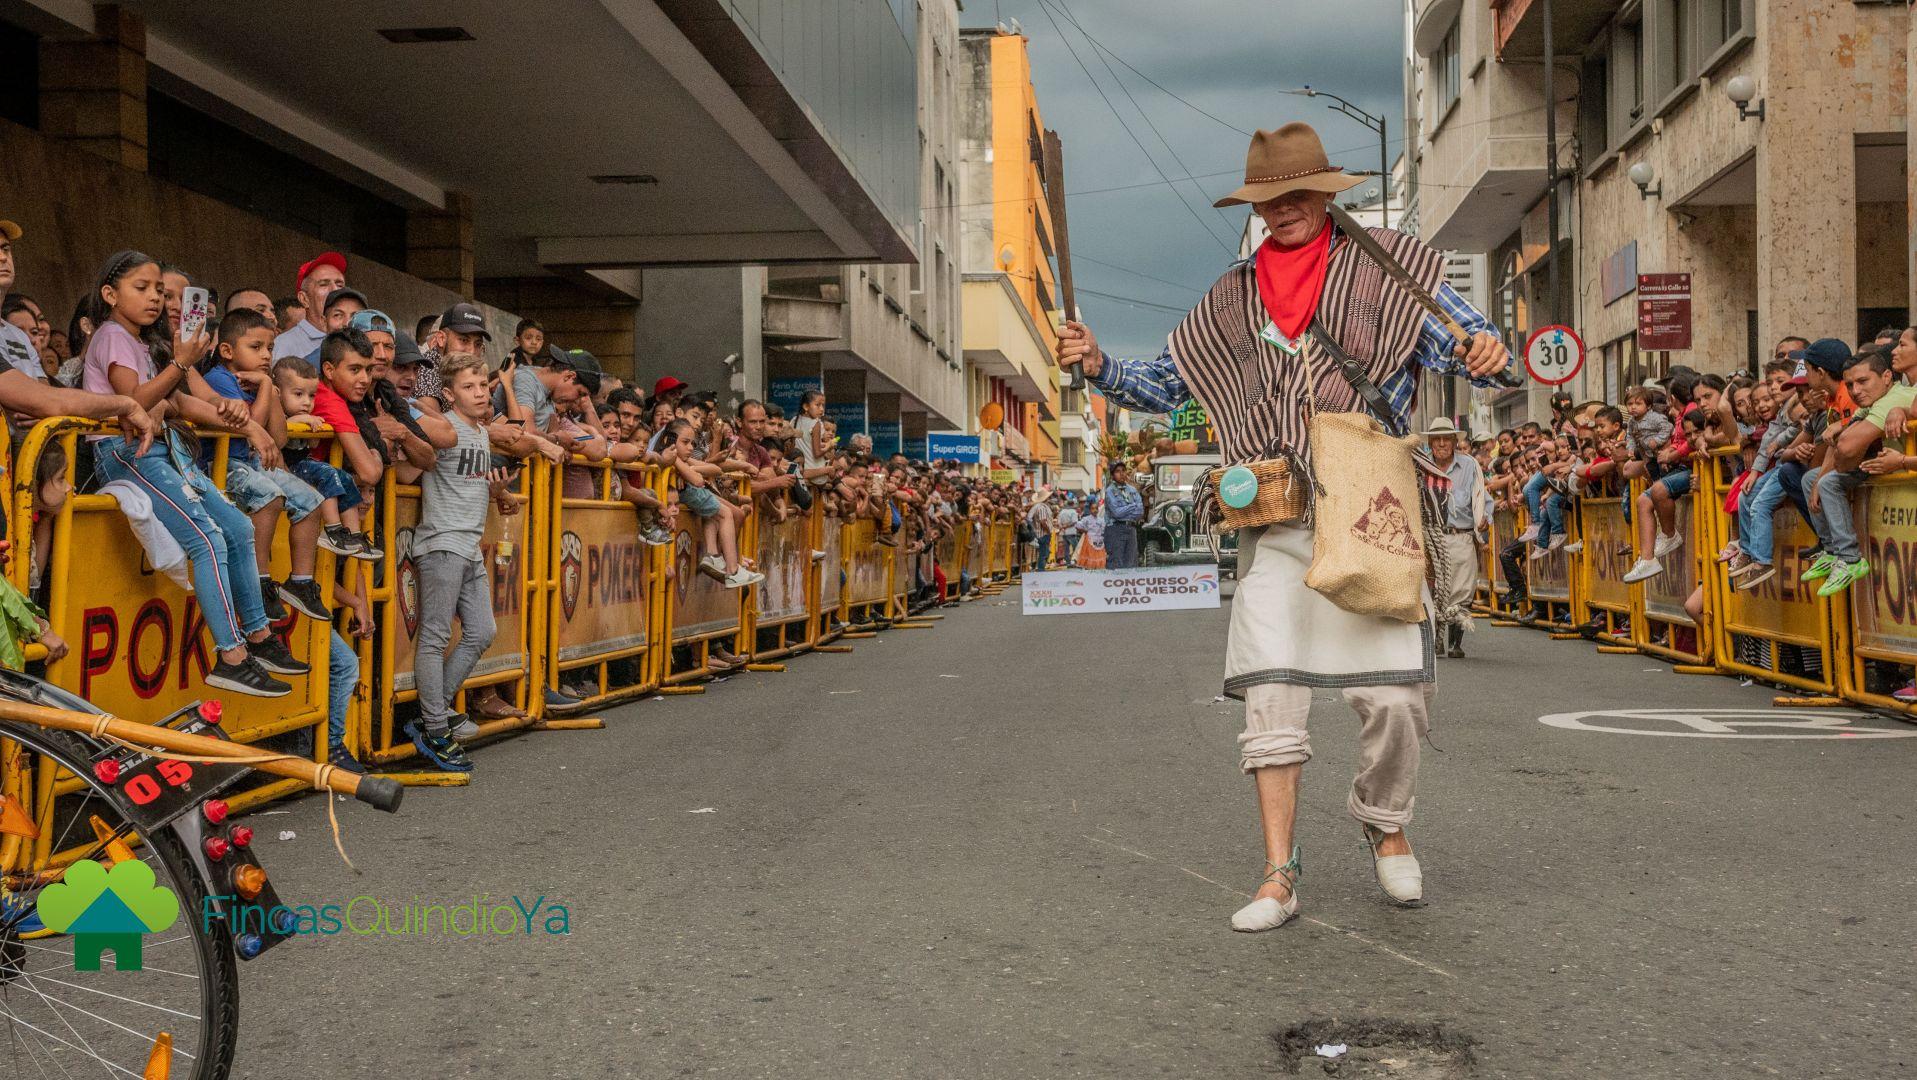 Foto de una persona en medio del desfile con una ropa típica